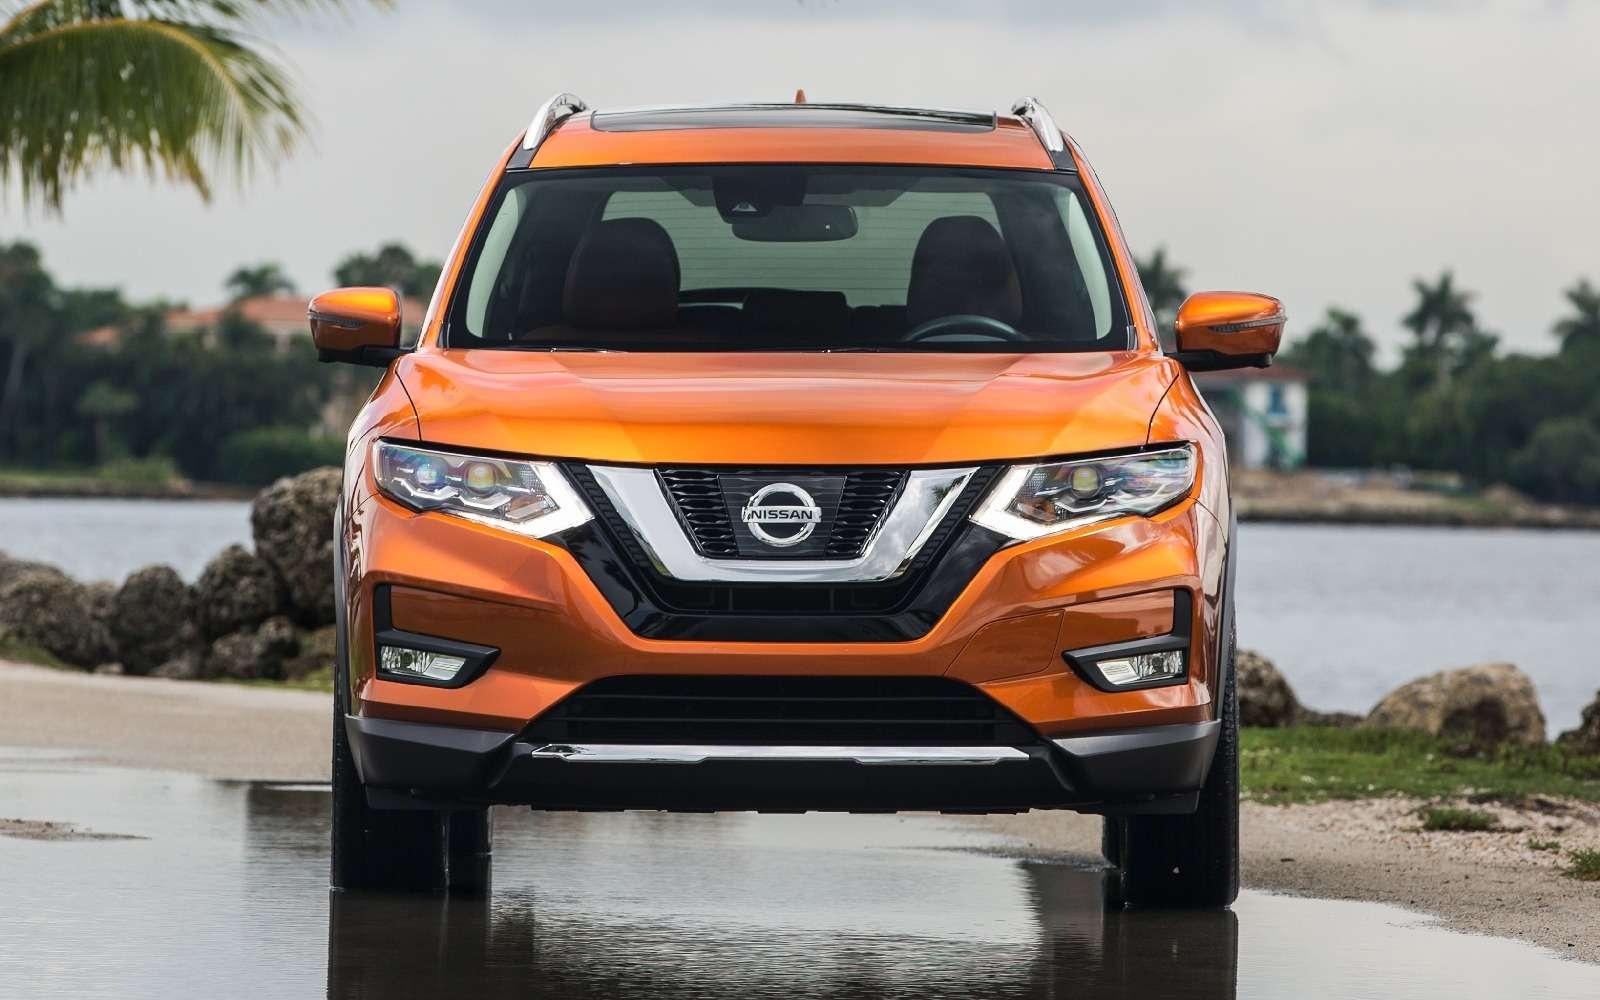 Говорим Rogue, подразумеваем X-Trail: популярный кроссовер Nissan обновился— фото 633616